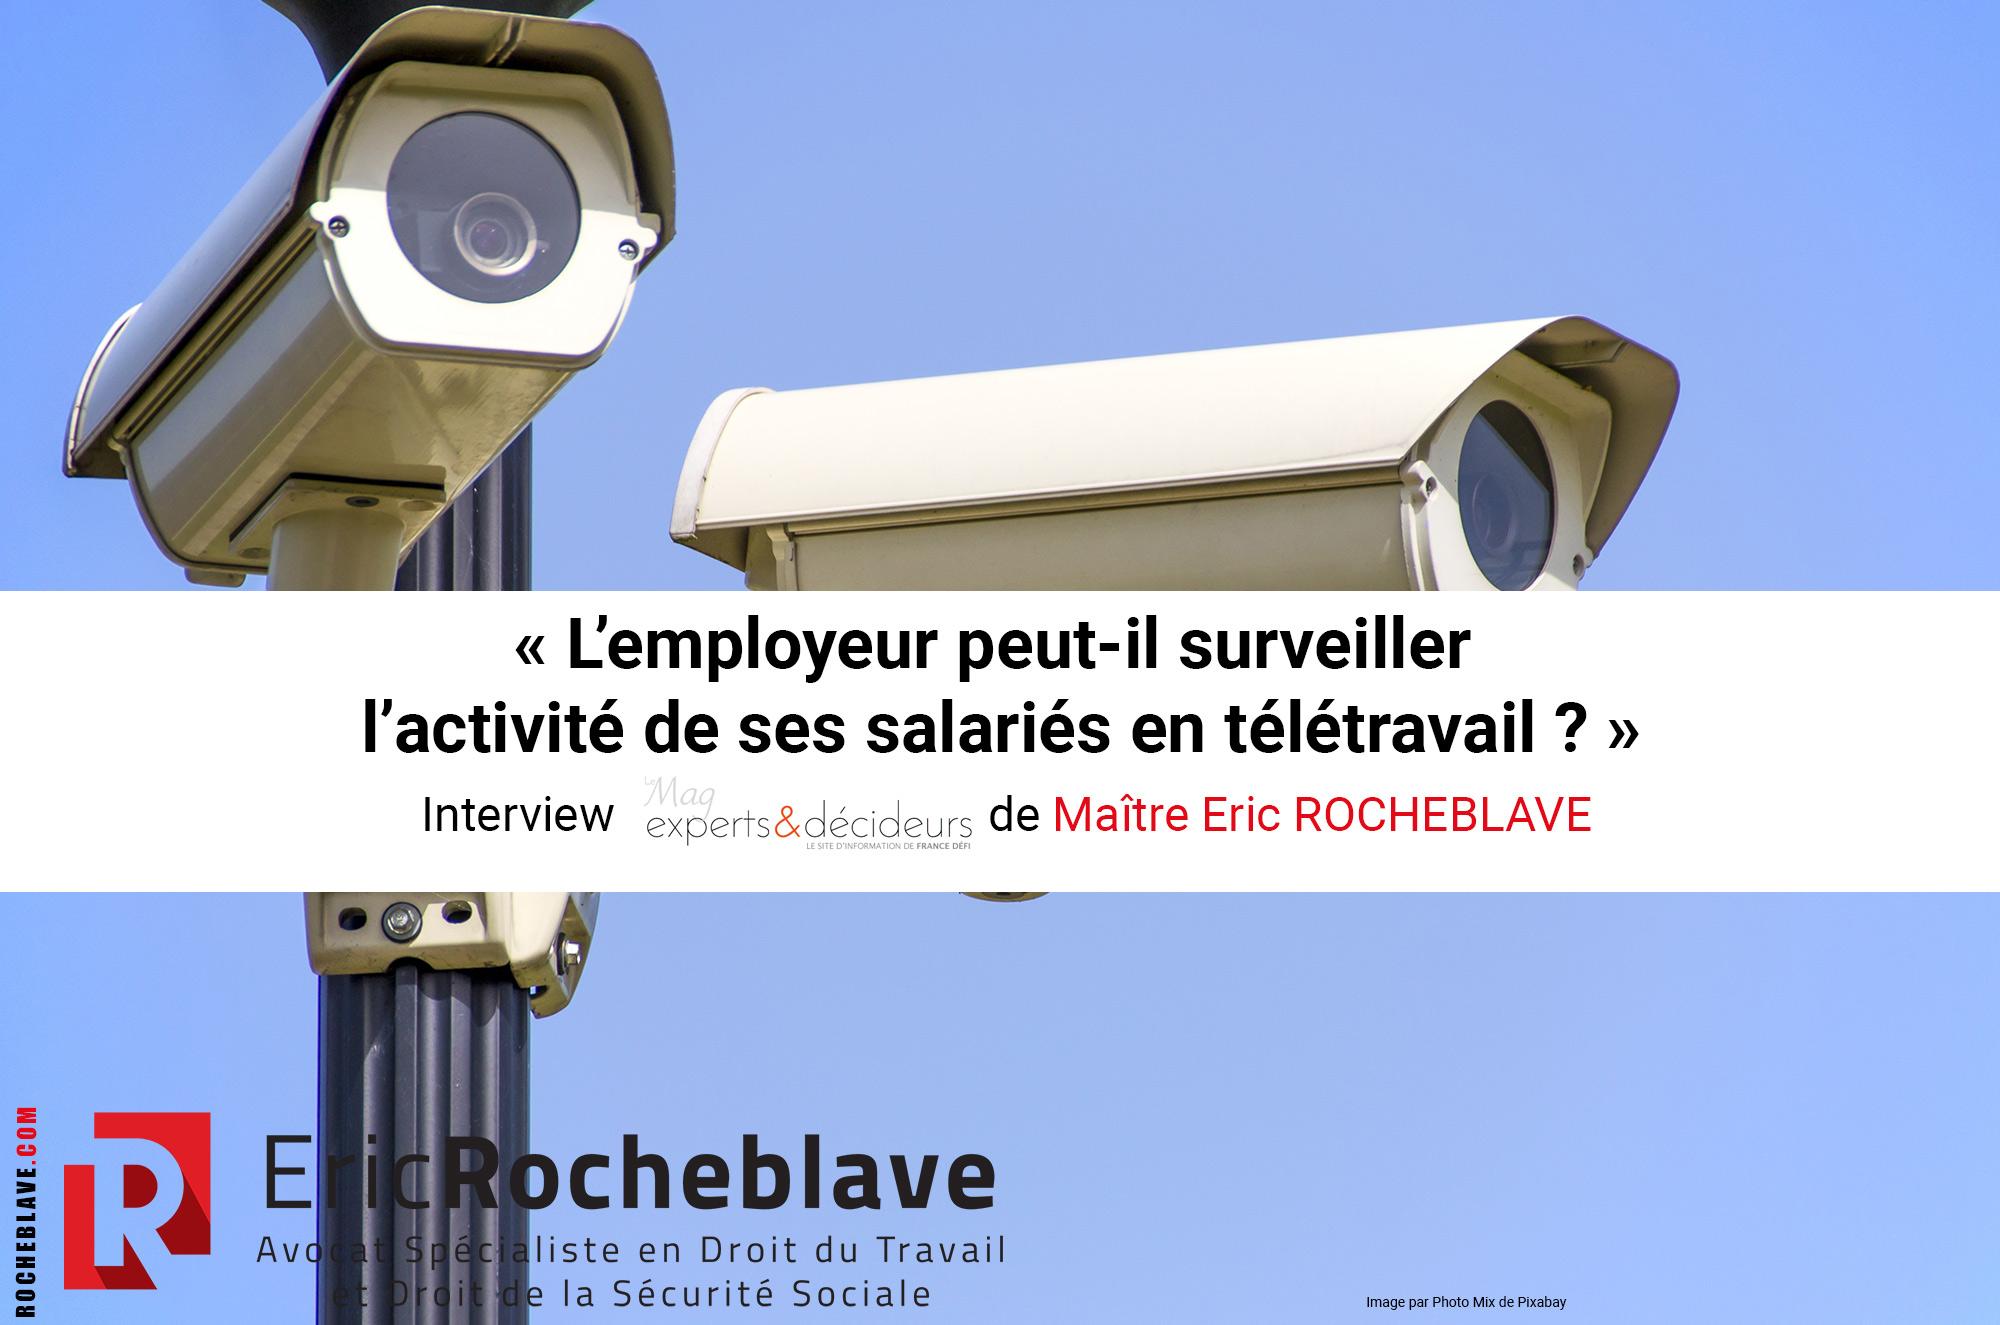 « L'employeur peut-il surveiller l'activité de ses salariés en télétravail ? » Interview experts&décideurs de Maître Eric ROCHEBLAVE